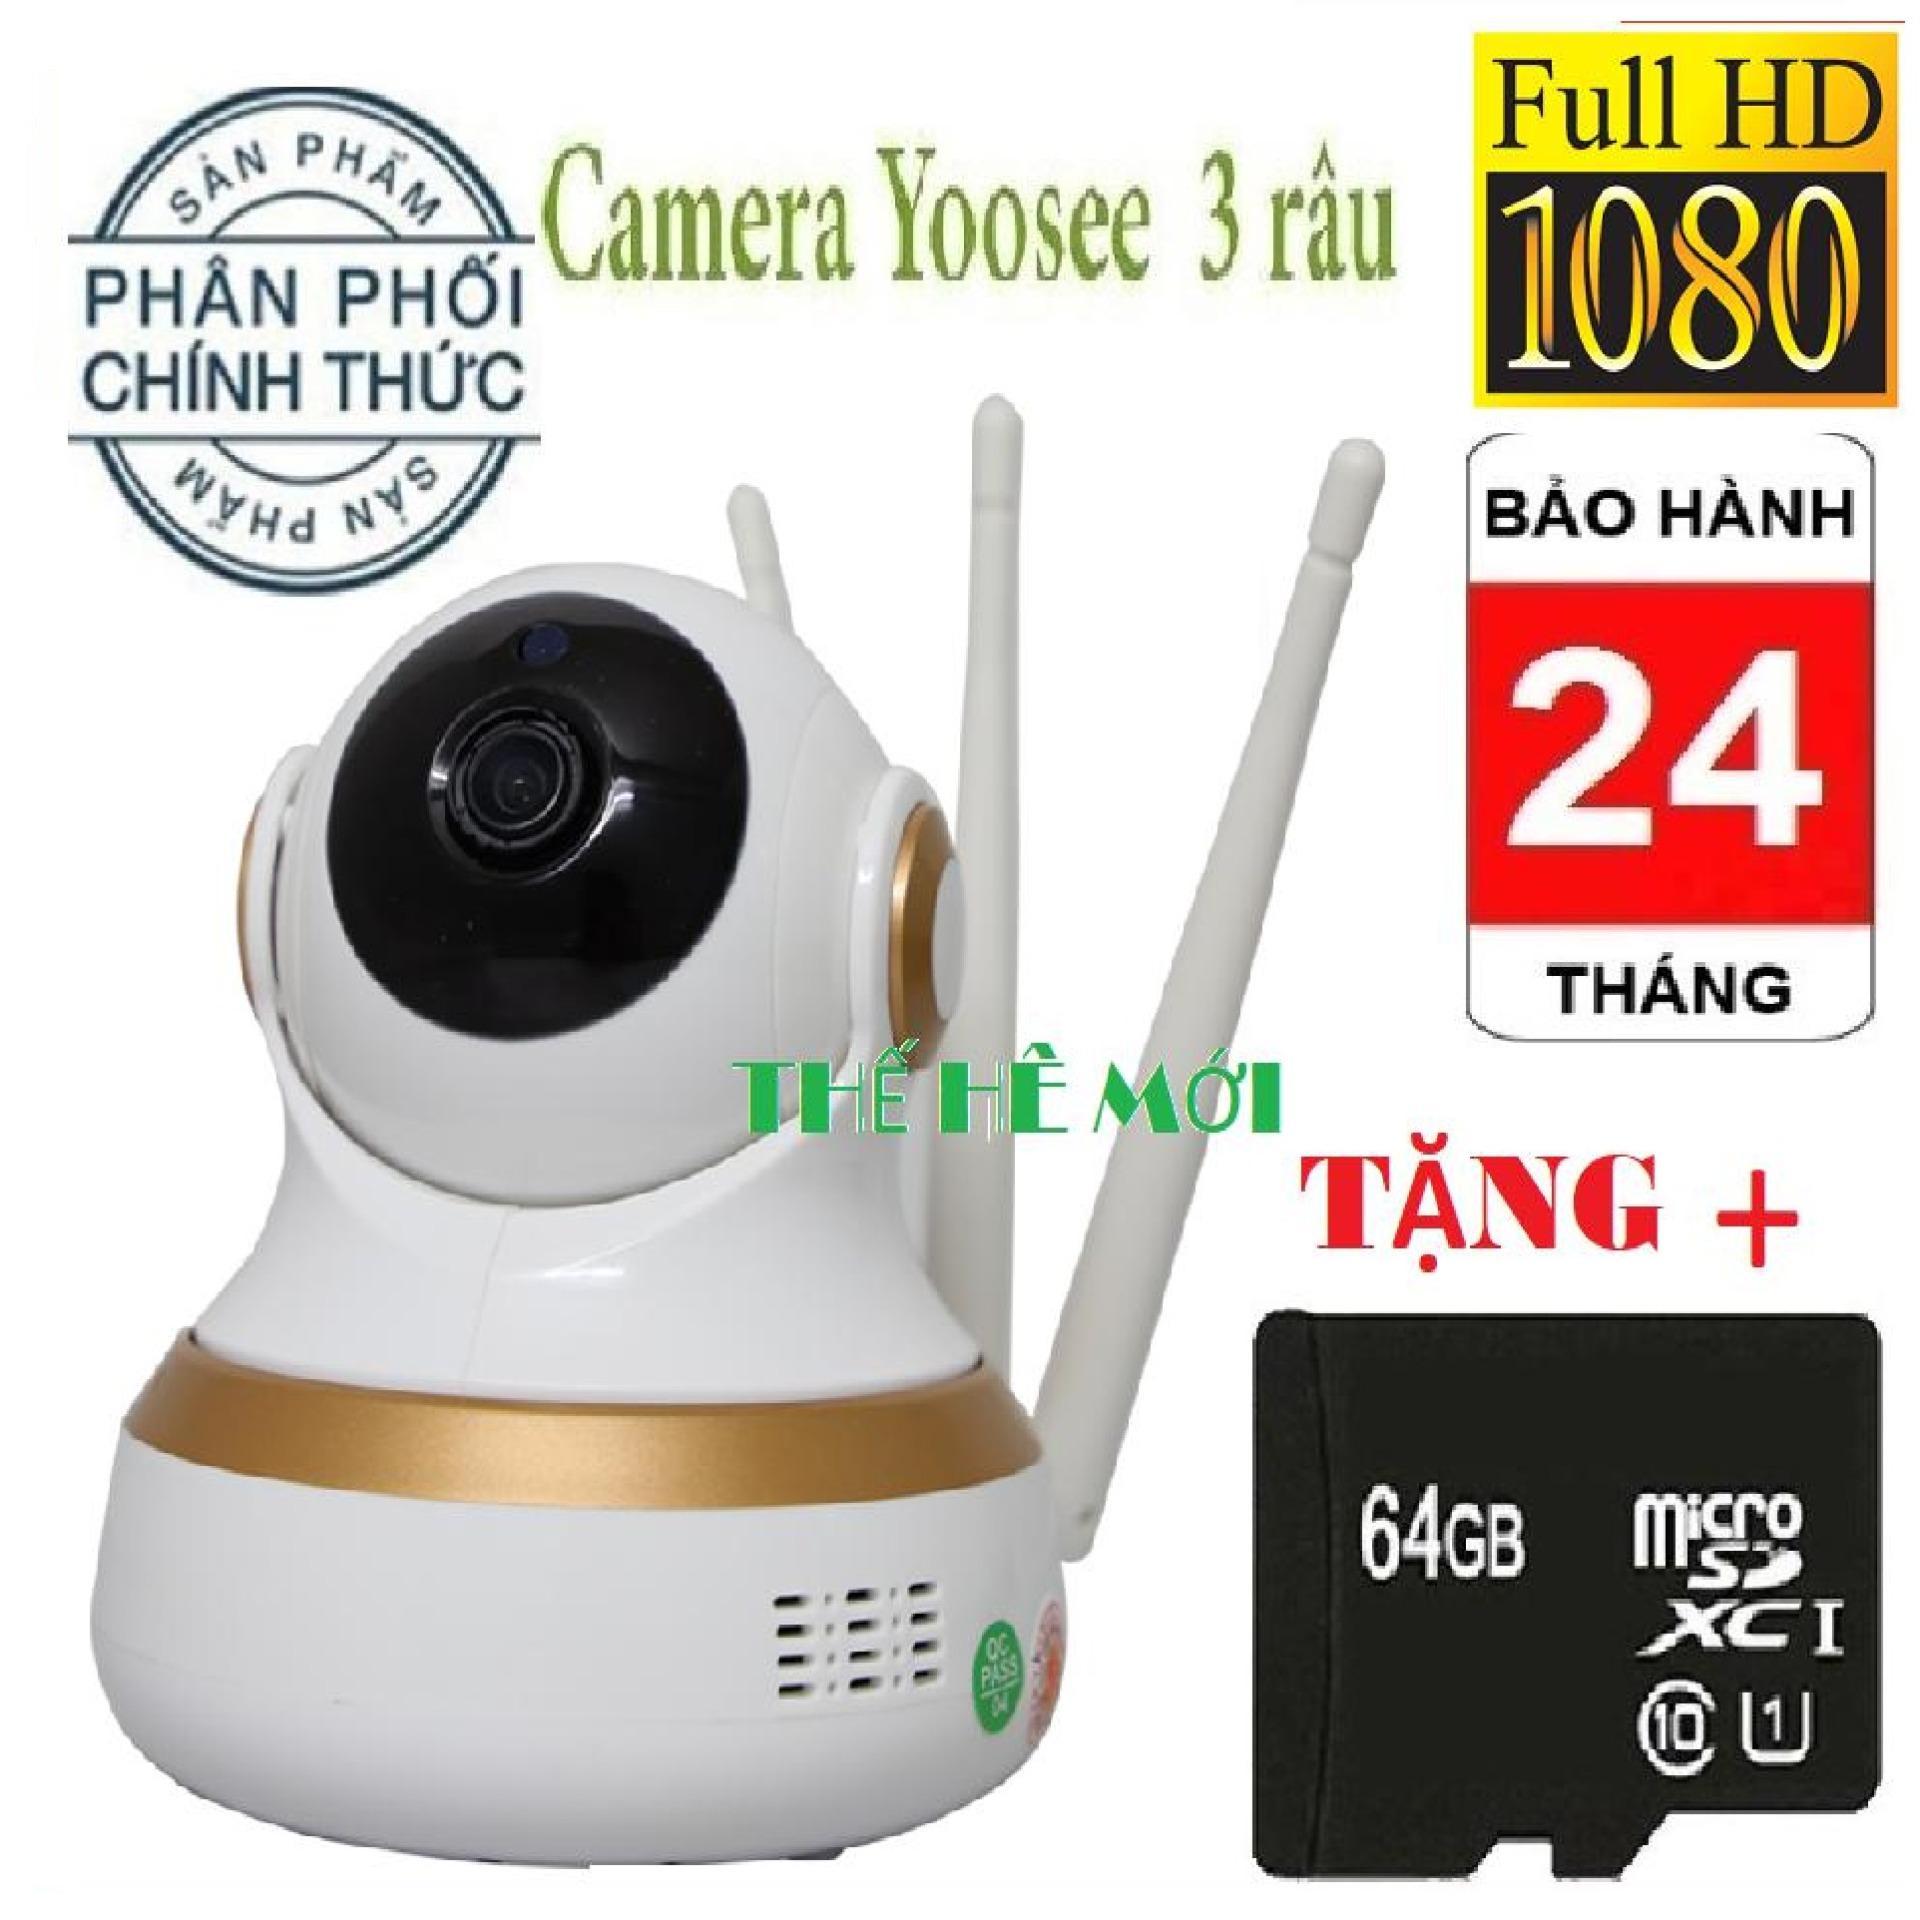 (BH 24 tháng,1 đổi 1 trong vòng 14 ngày-Tặng thẻ nhớ yoosee 64GB),Camera wifi yoosee 3 râu new,camera trong nhà,ngoài trời,lưu trữ video,đàm thoại song phương